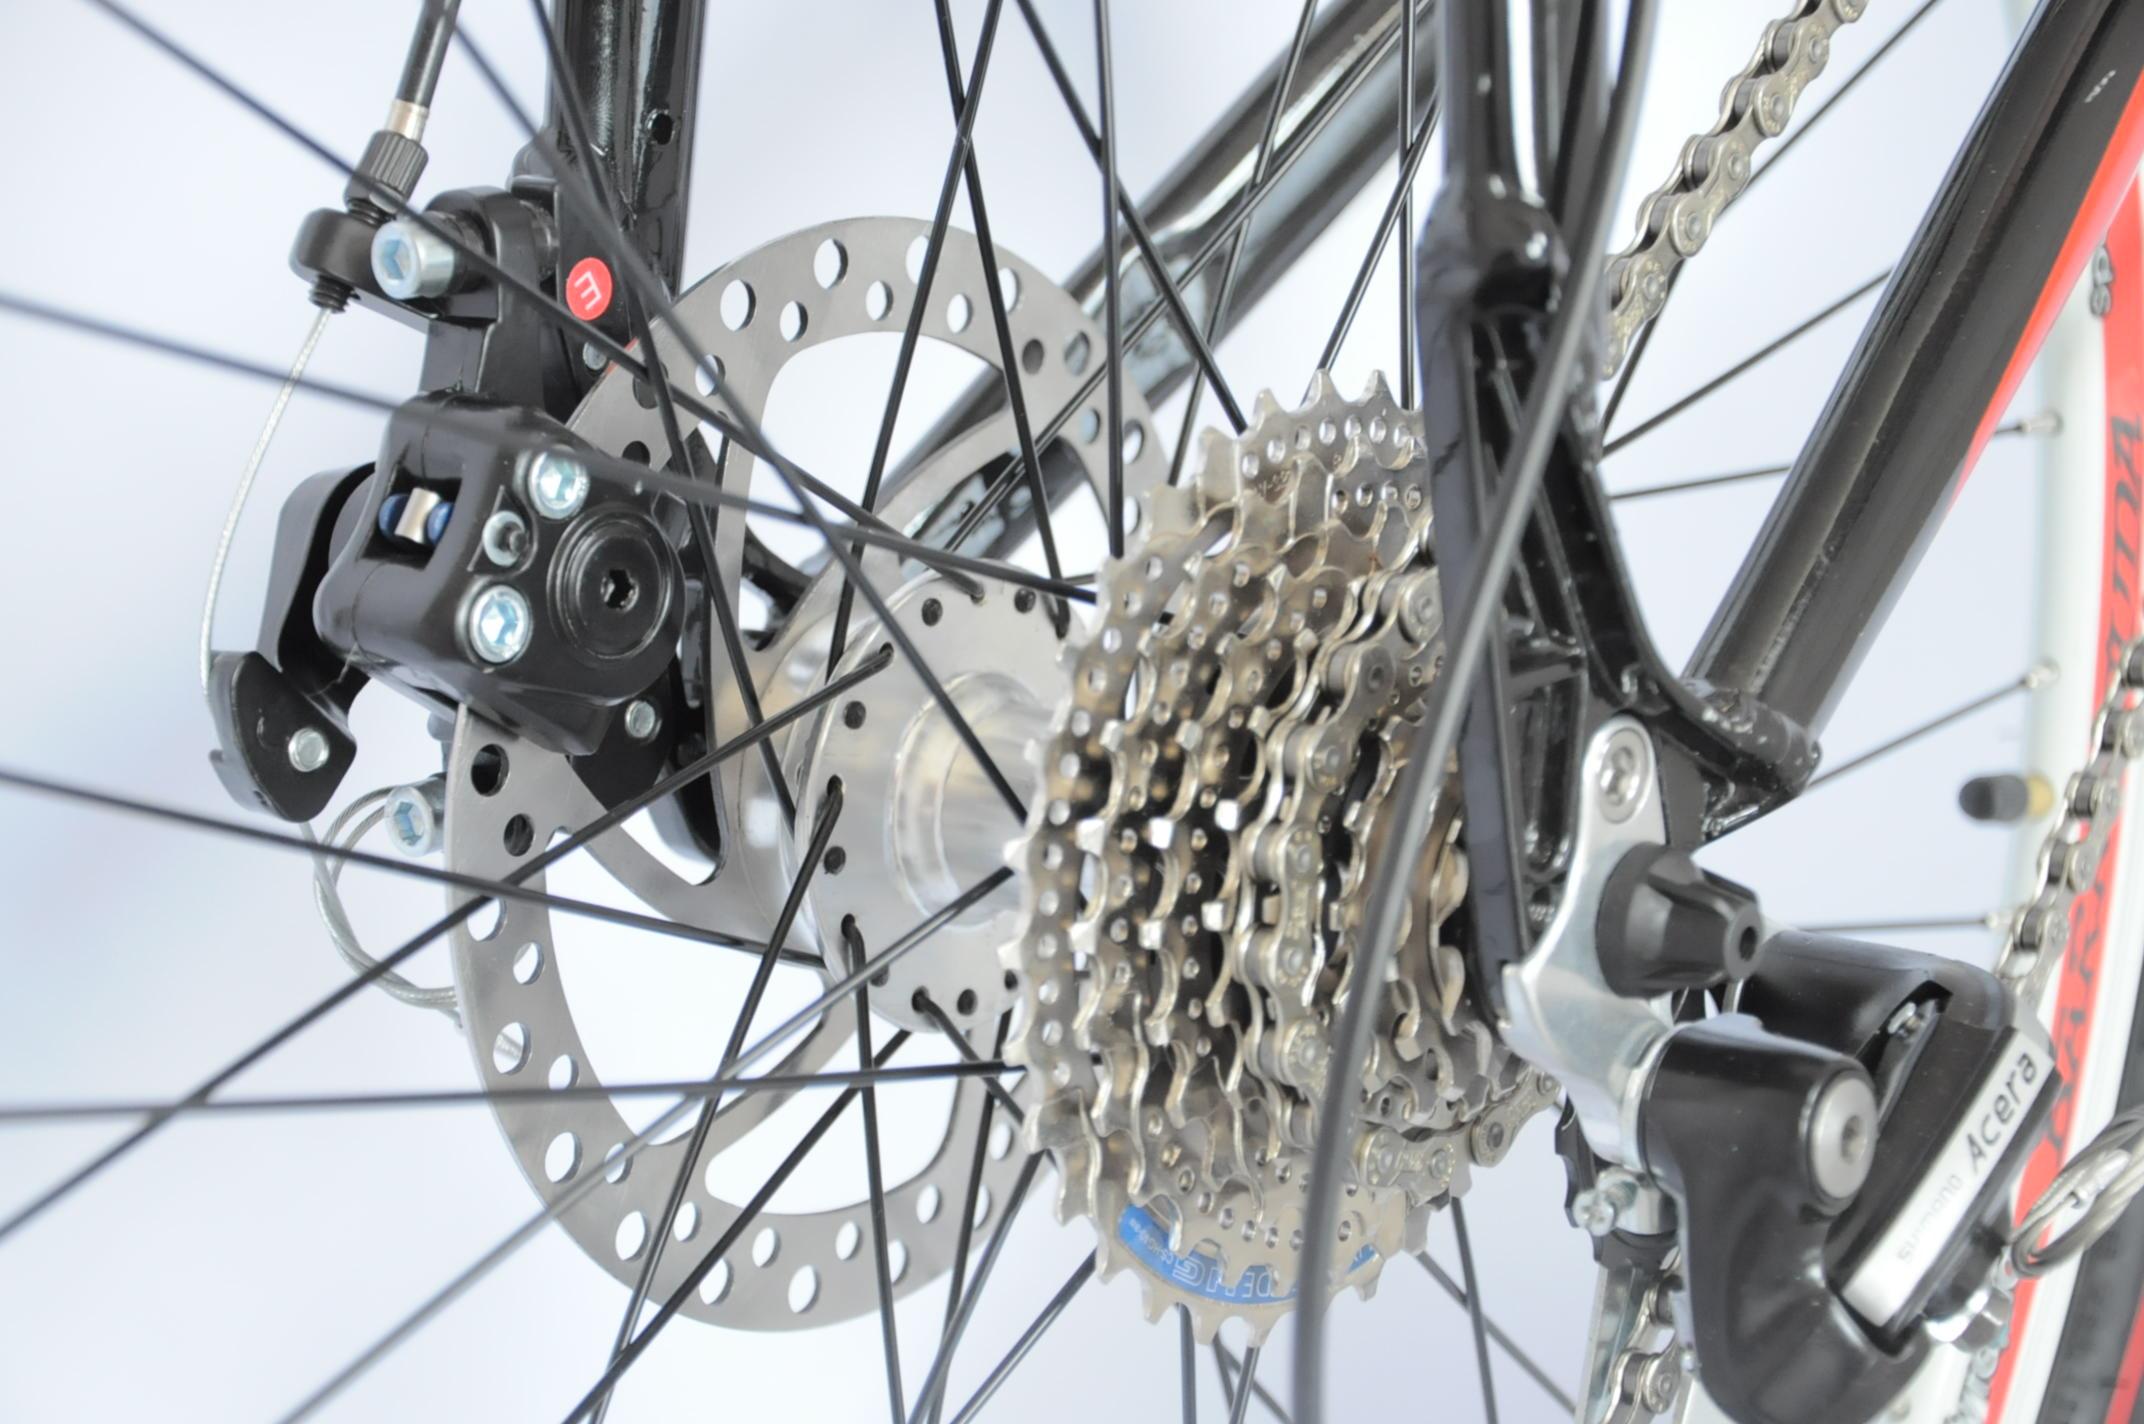 Как снять каретку с горного велосипеда